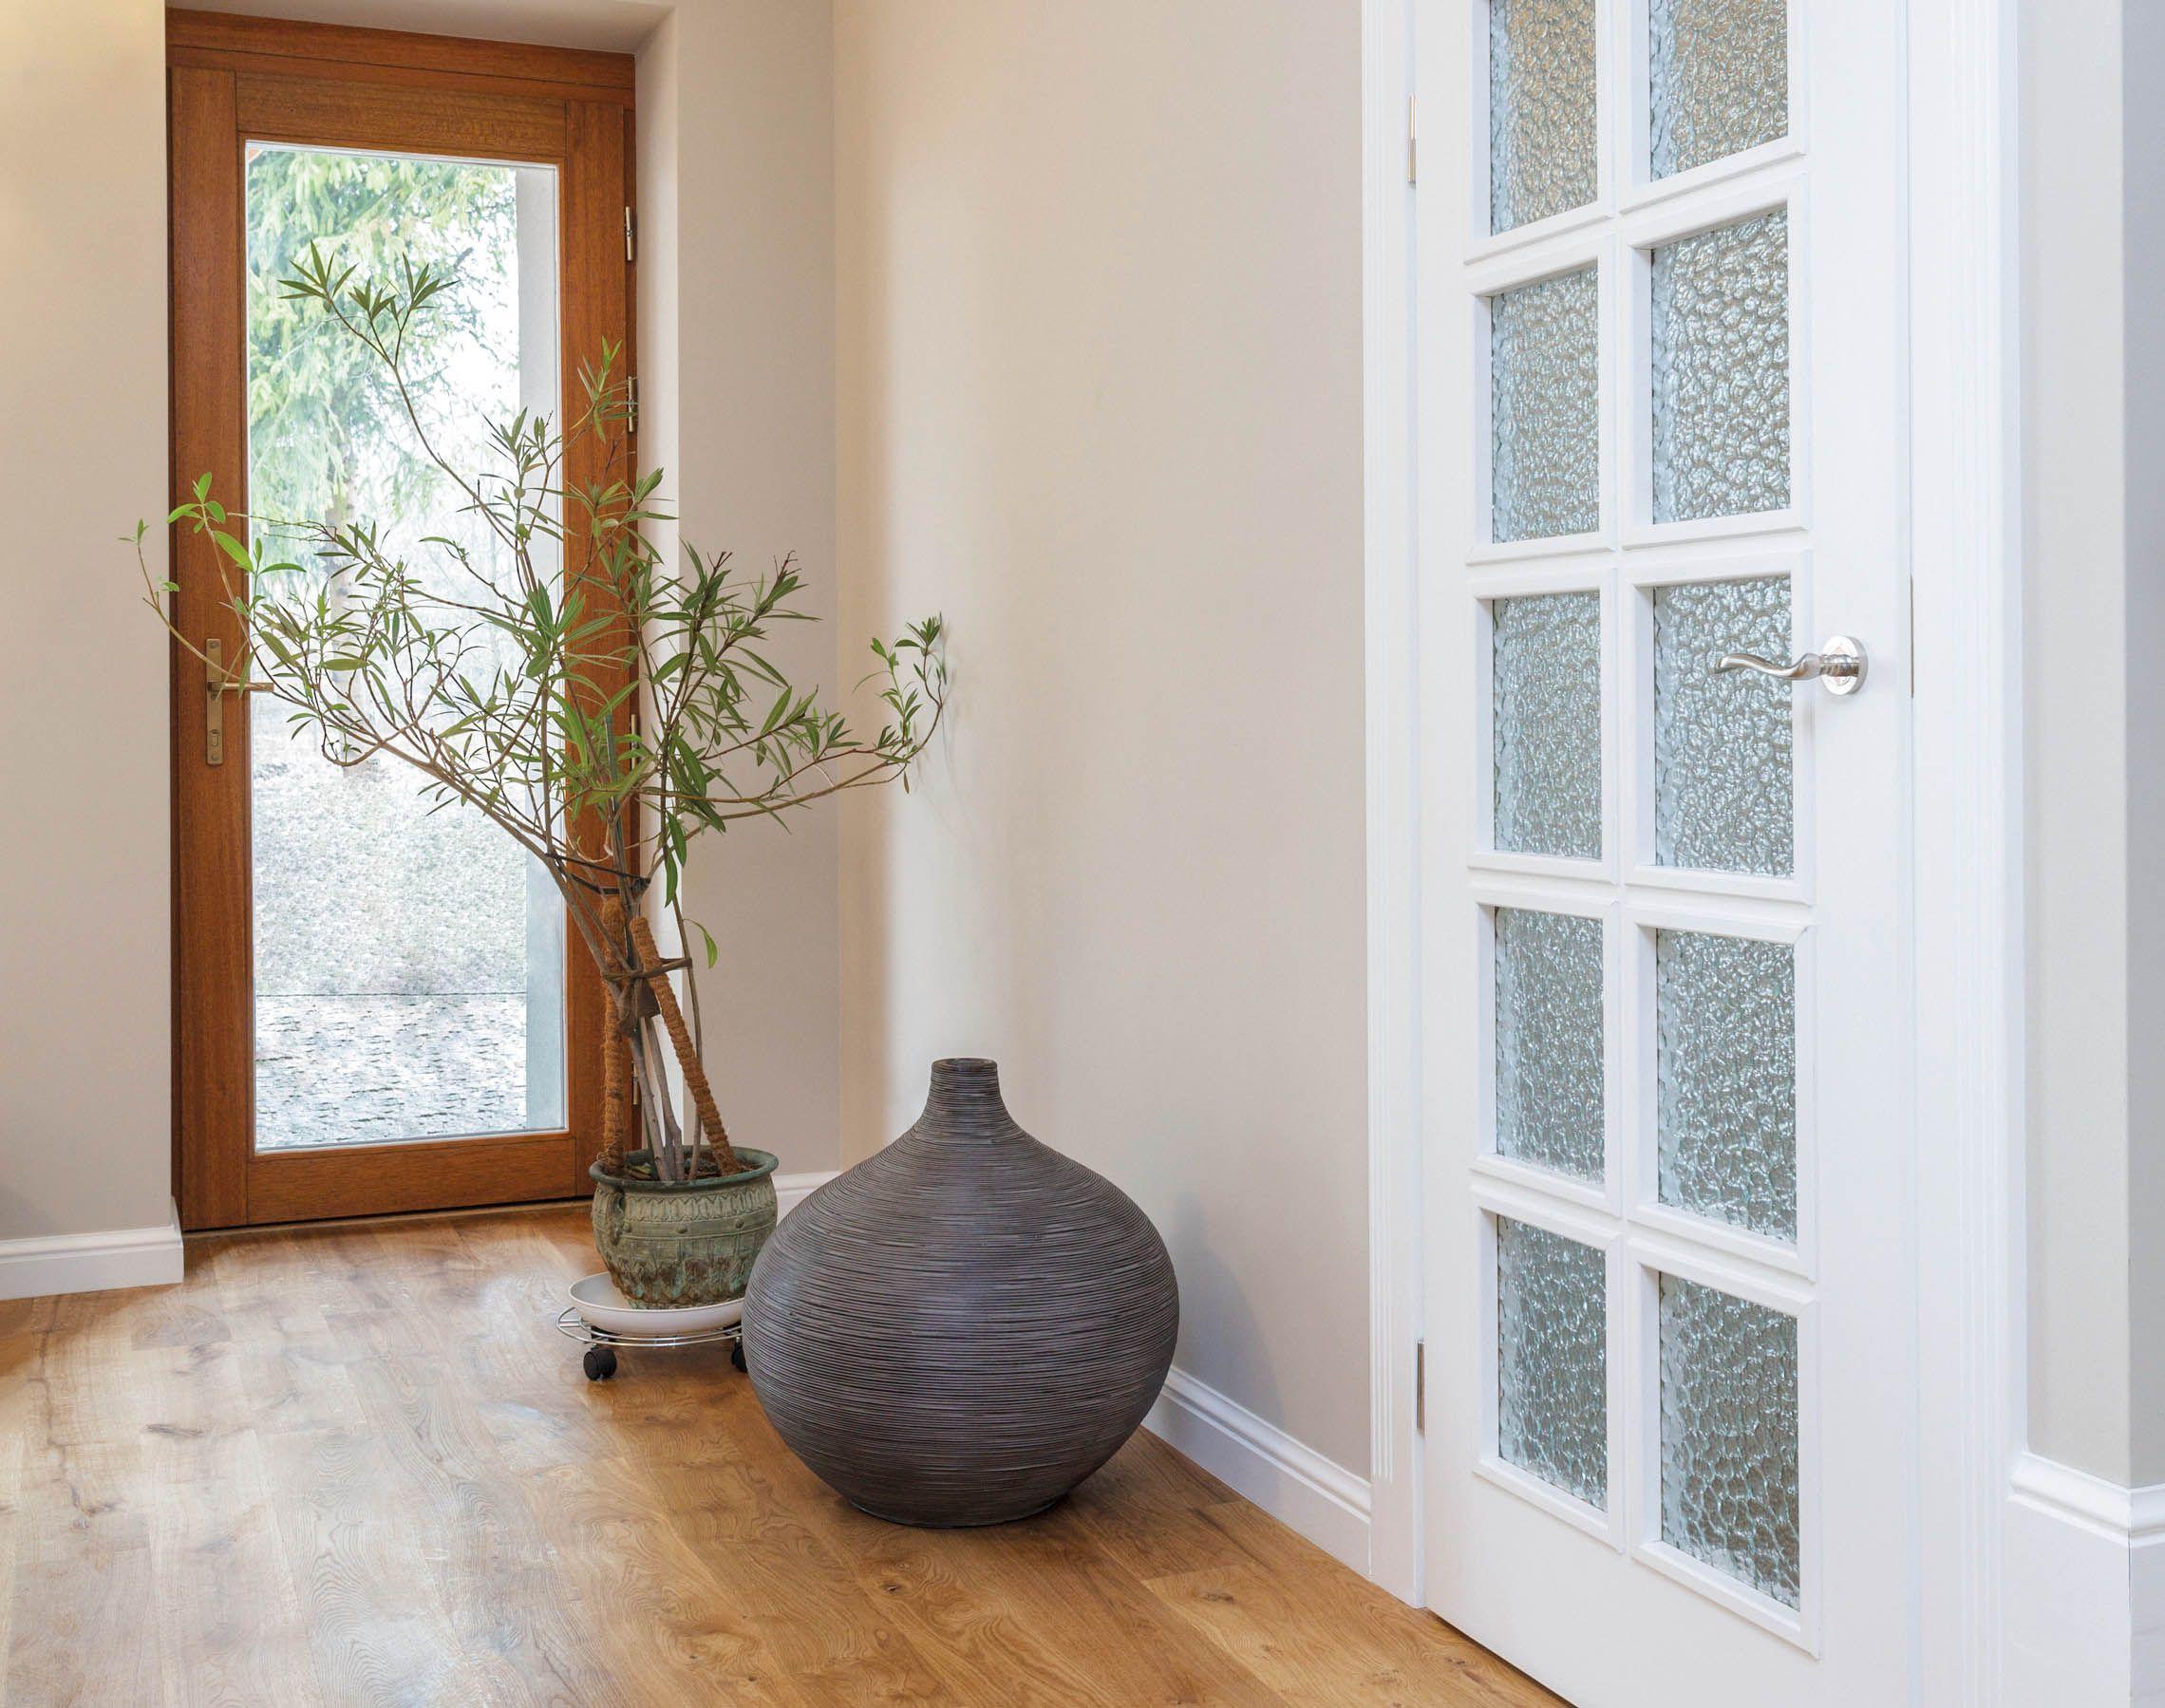 Meuble/ Porte / Fenêtre intérieur